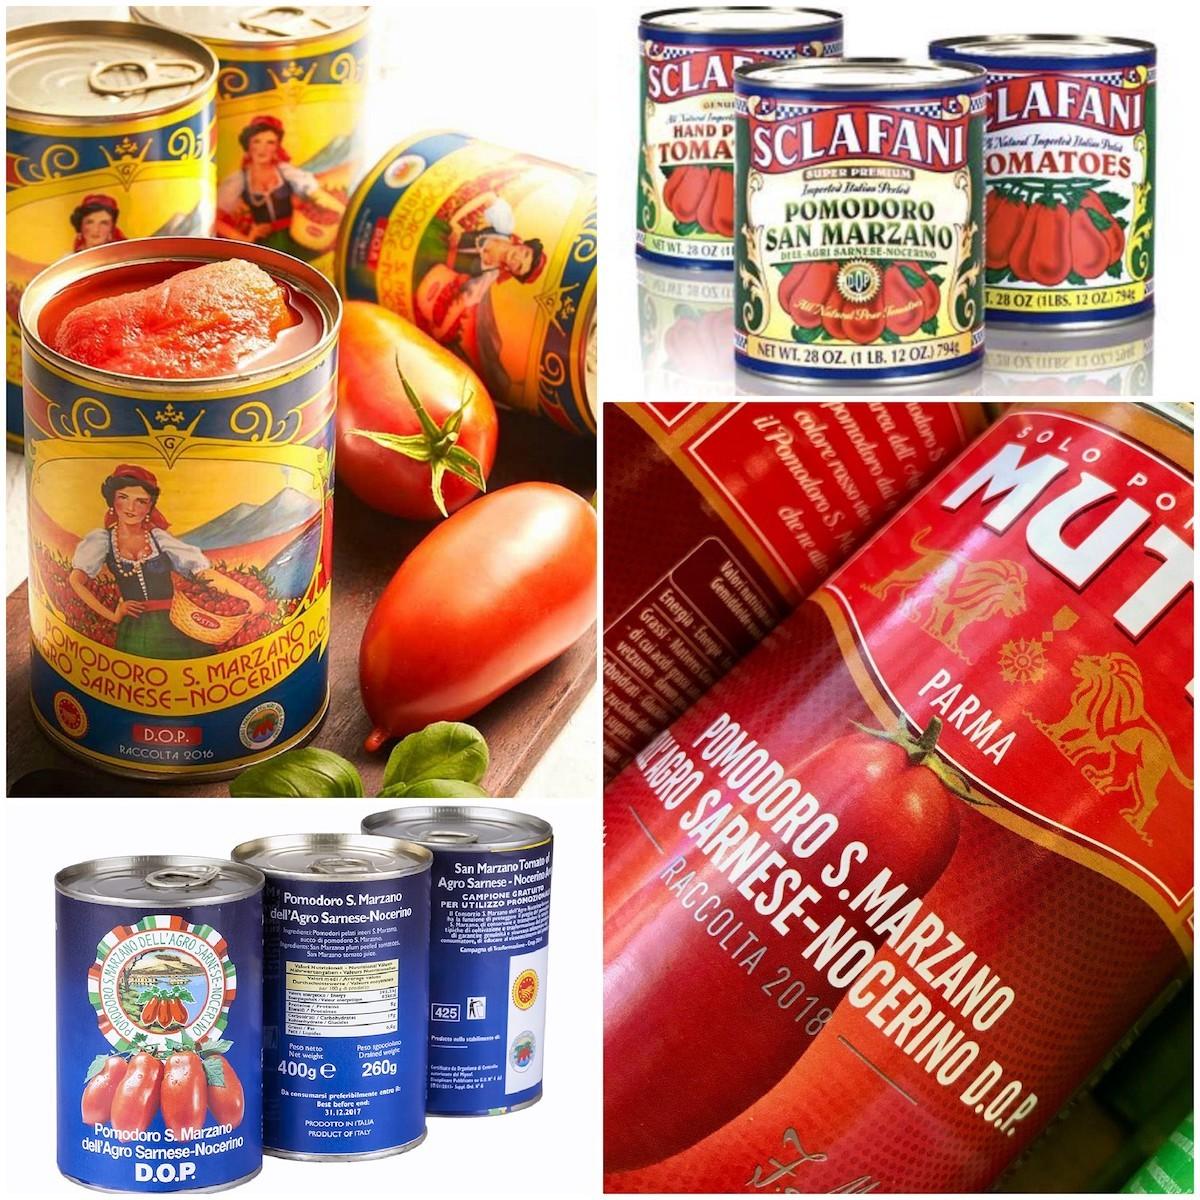 Conserves de tomates San Marzano